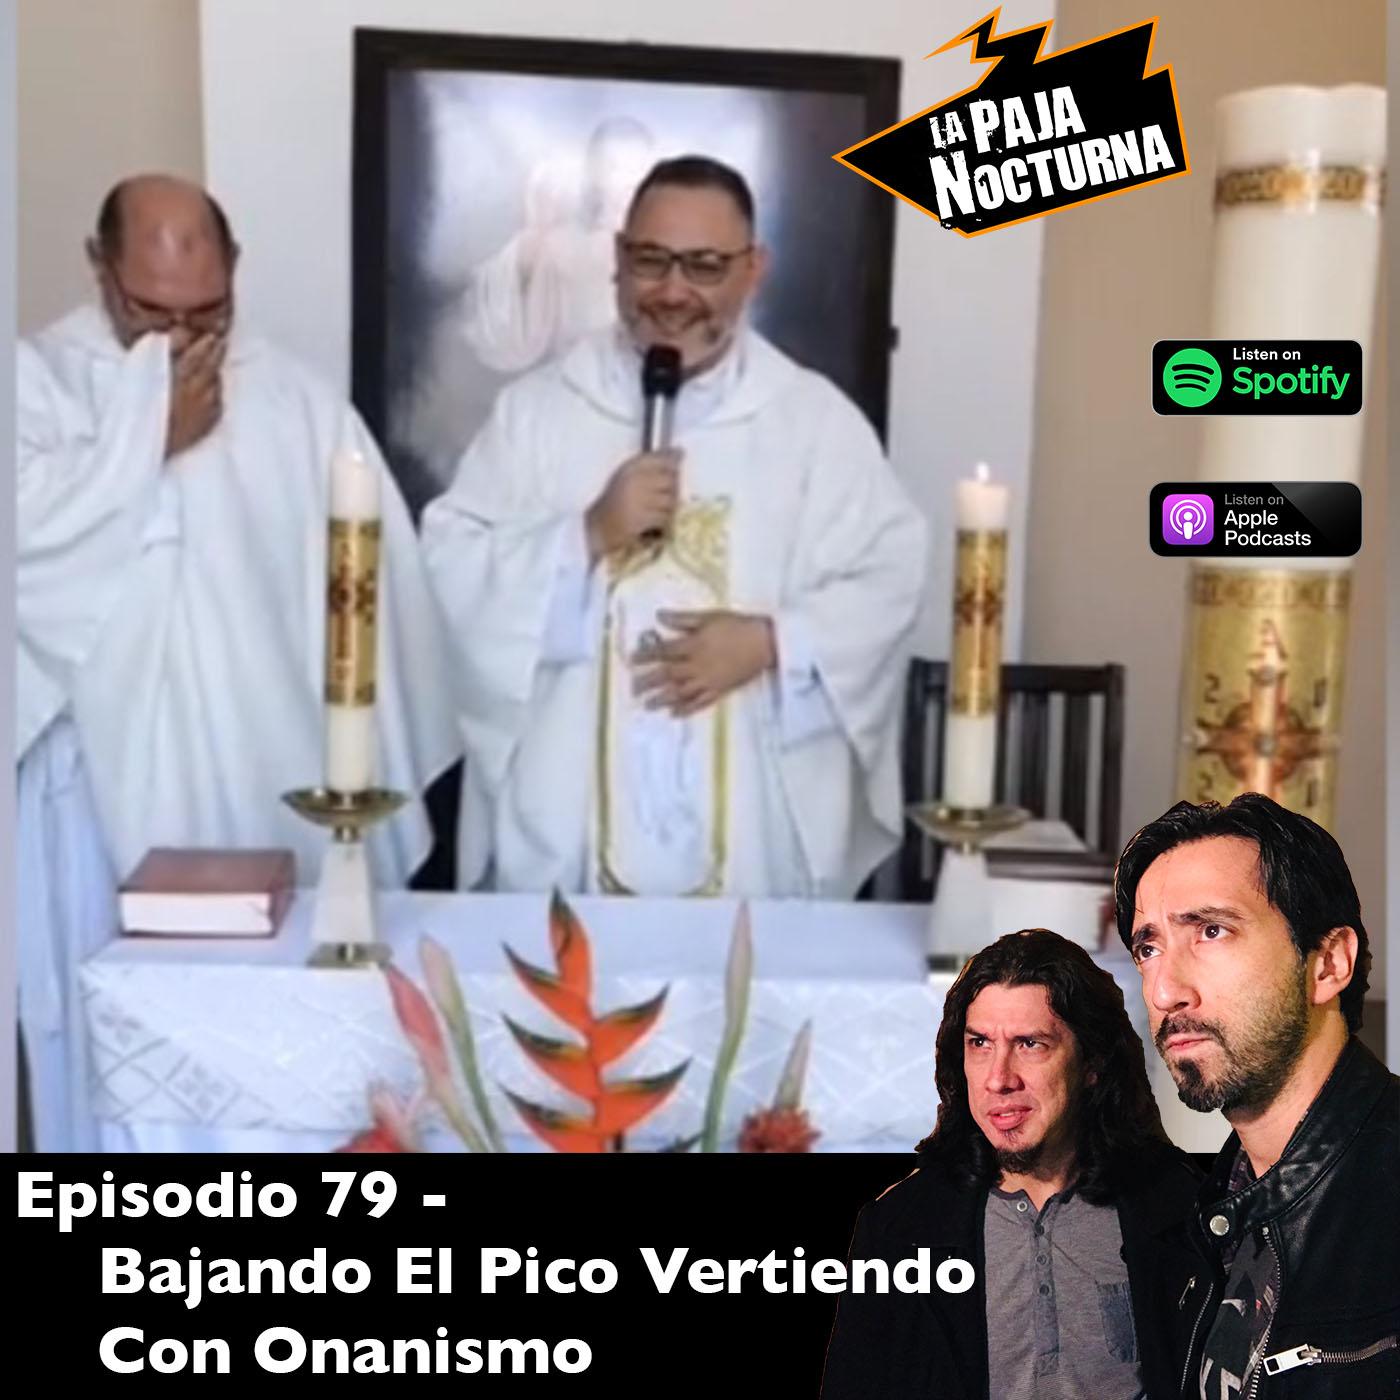 La paja nocturna podcast Episodio 79